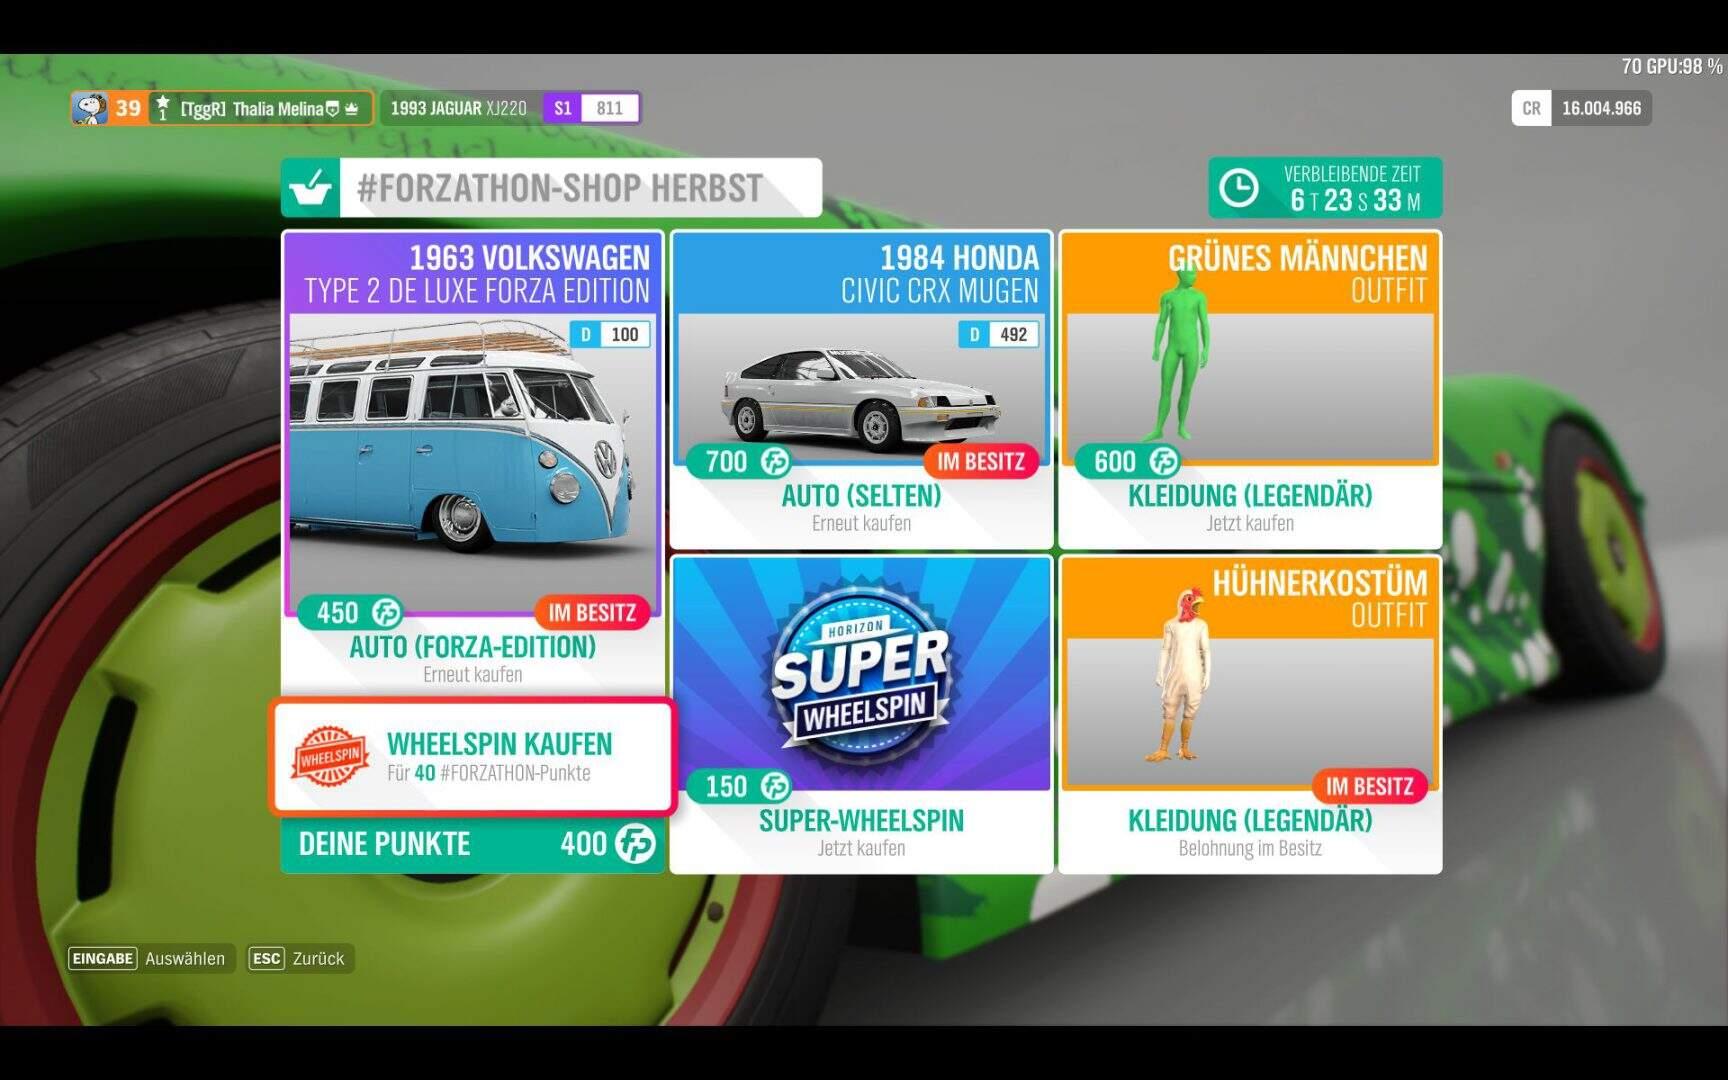 Forza Horizon 4 #Forzathon Shop KW 08 / 2019